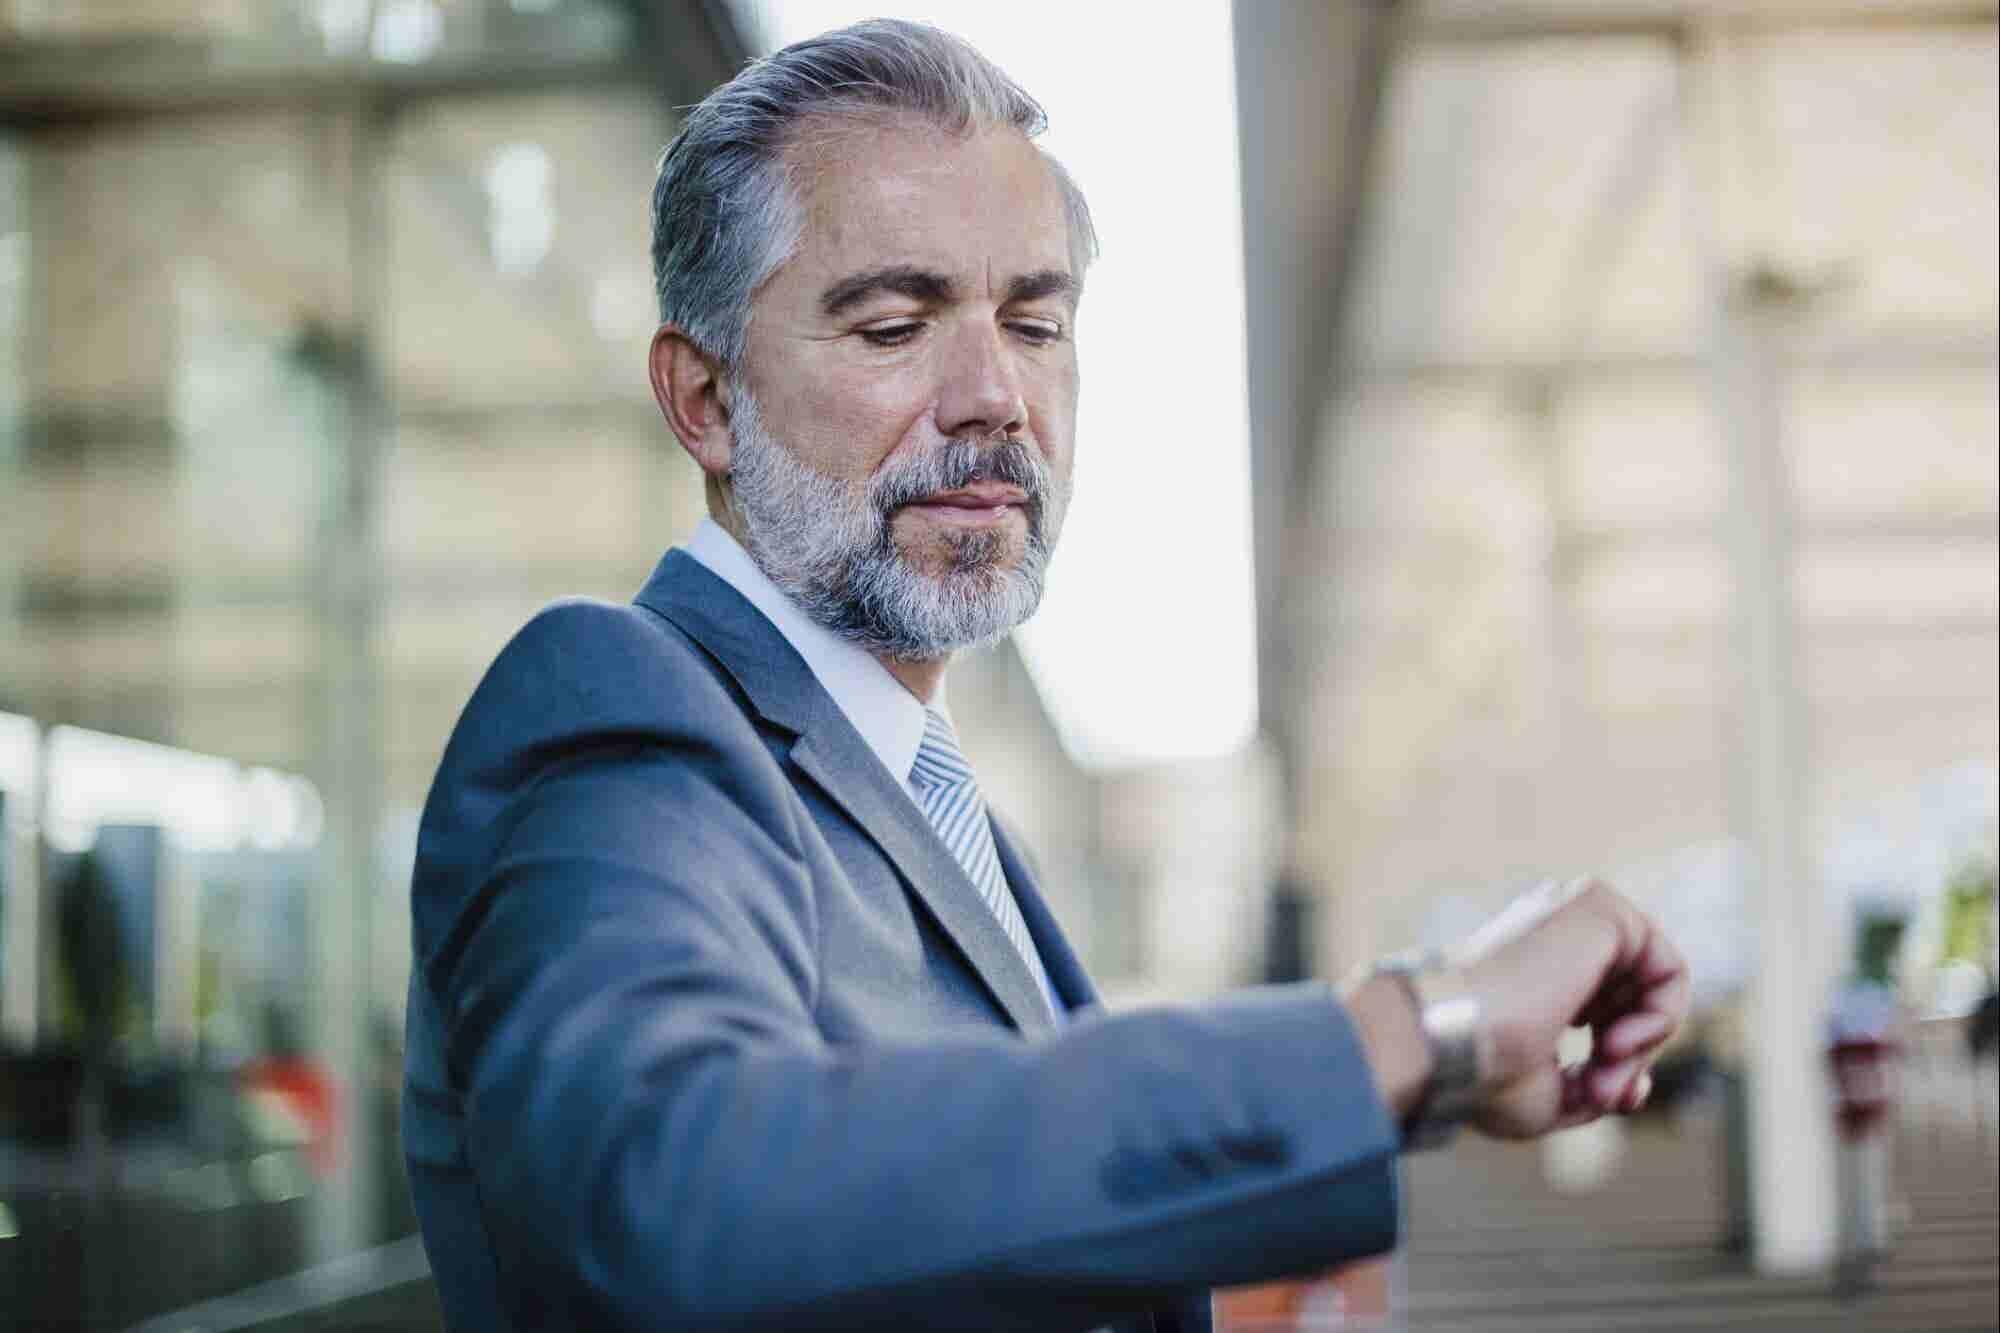 Trucos para administrar mejor tu tiempo que la gente sumamente exitosa pone en práctica todos los días